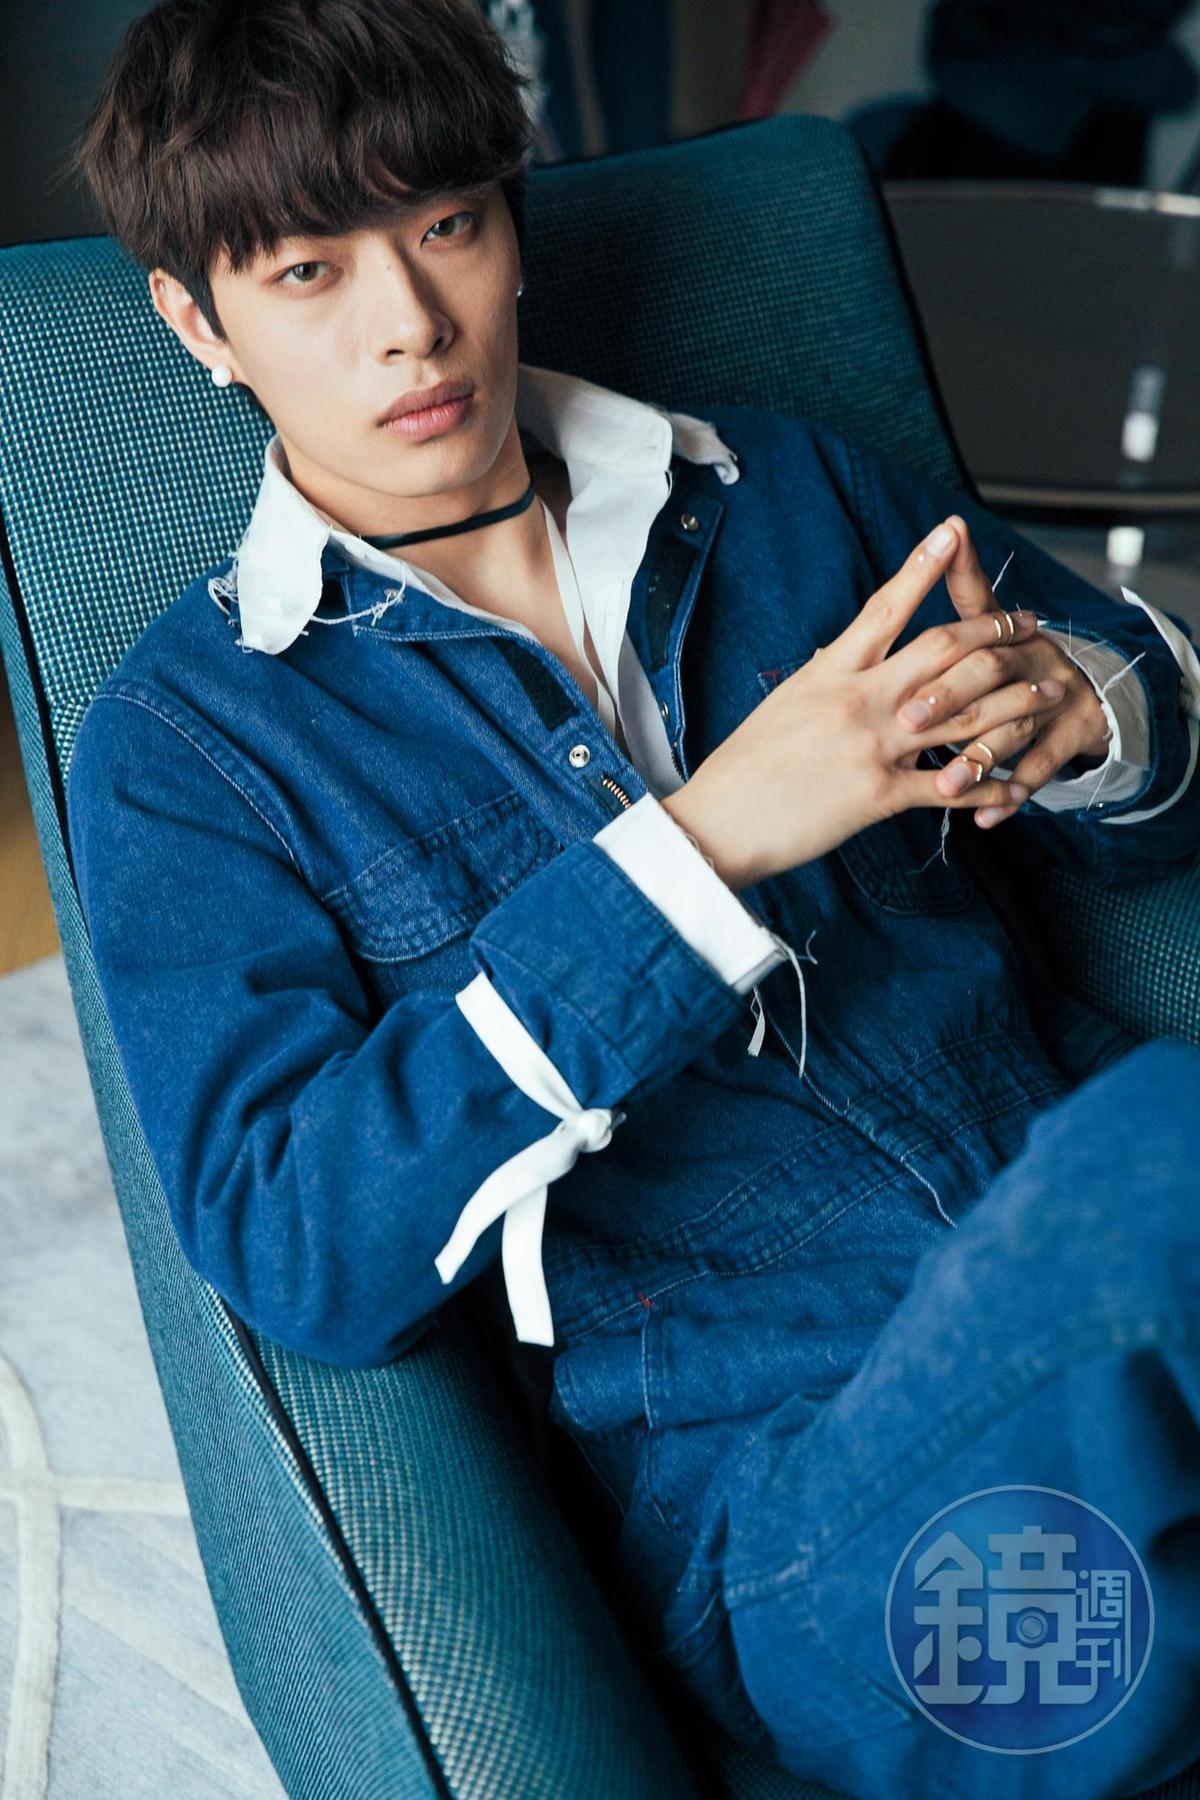 木子洋23歲才開始拉筋、練舞,因個性使然,全悶在心裡不說苦。 木子洋(24歲),身高:188公分,學歷:北京服裝學院